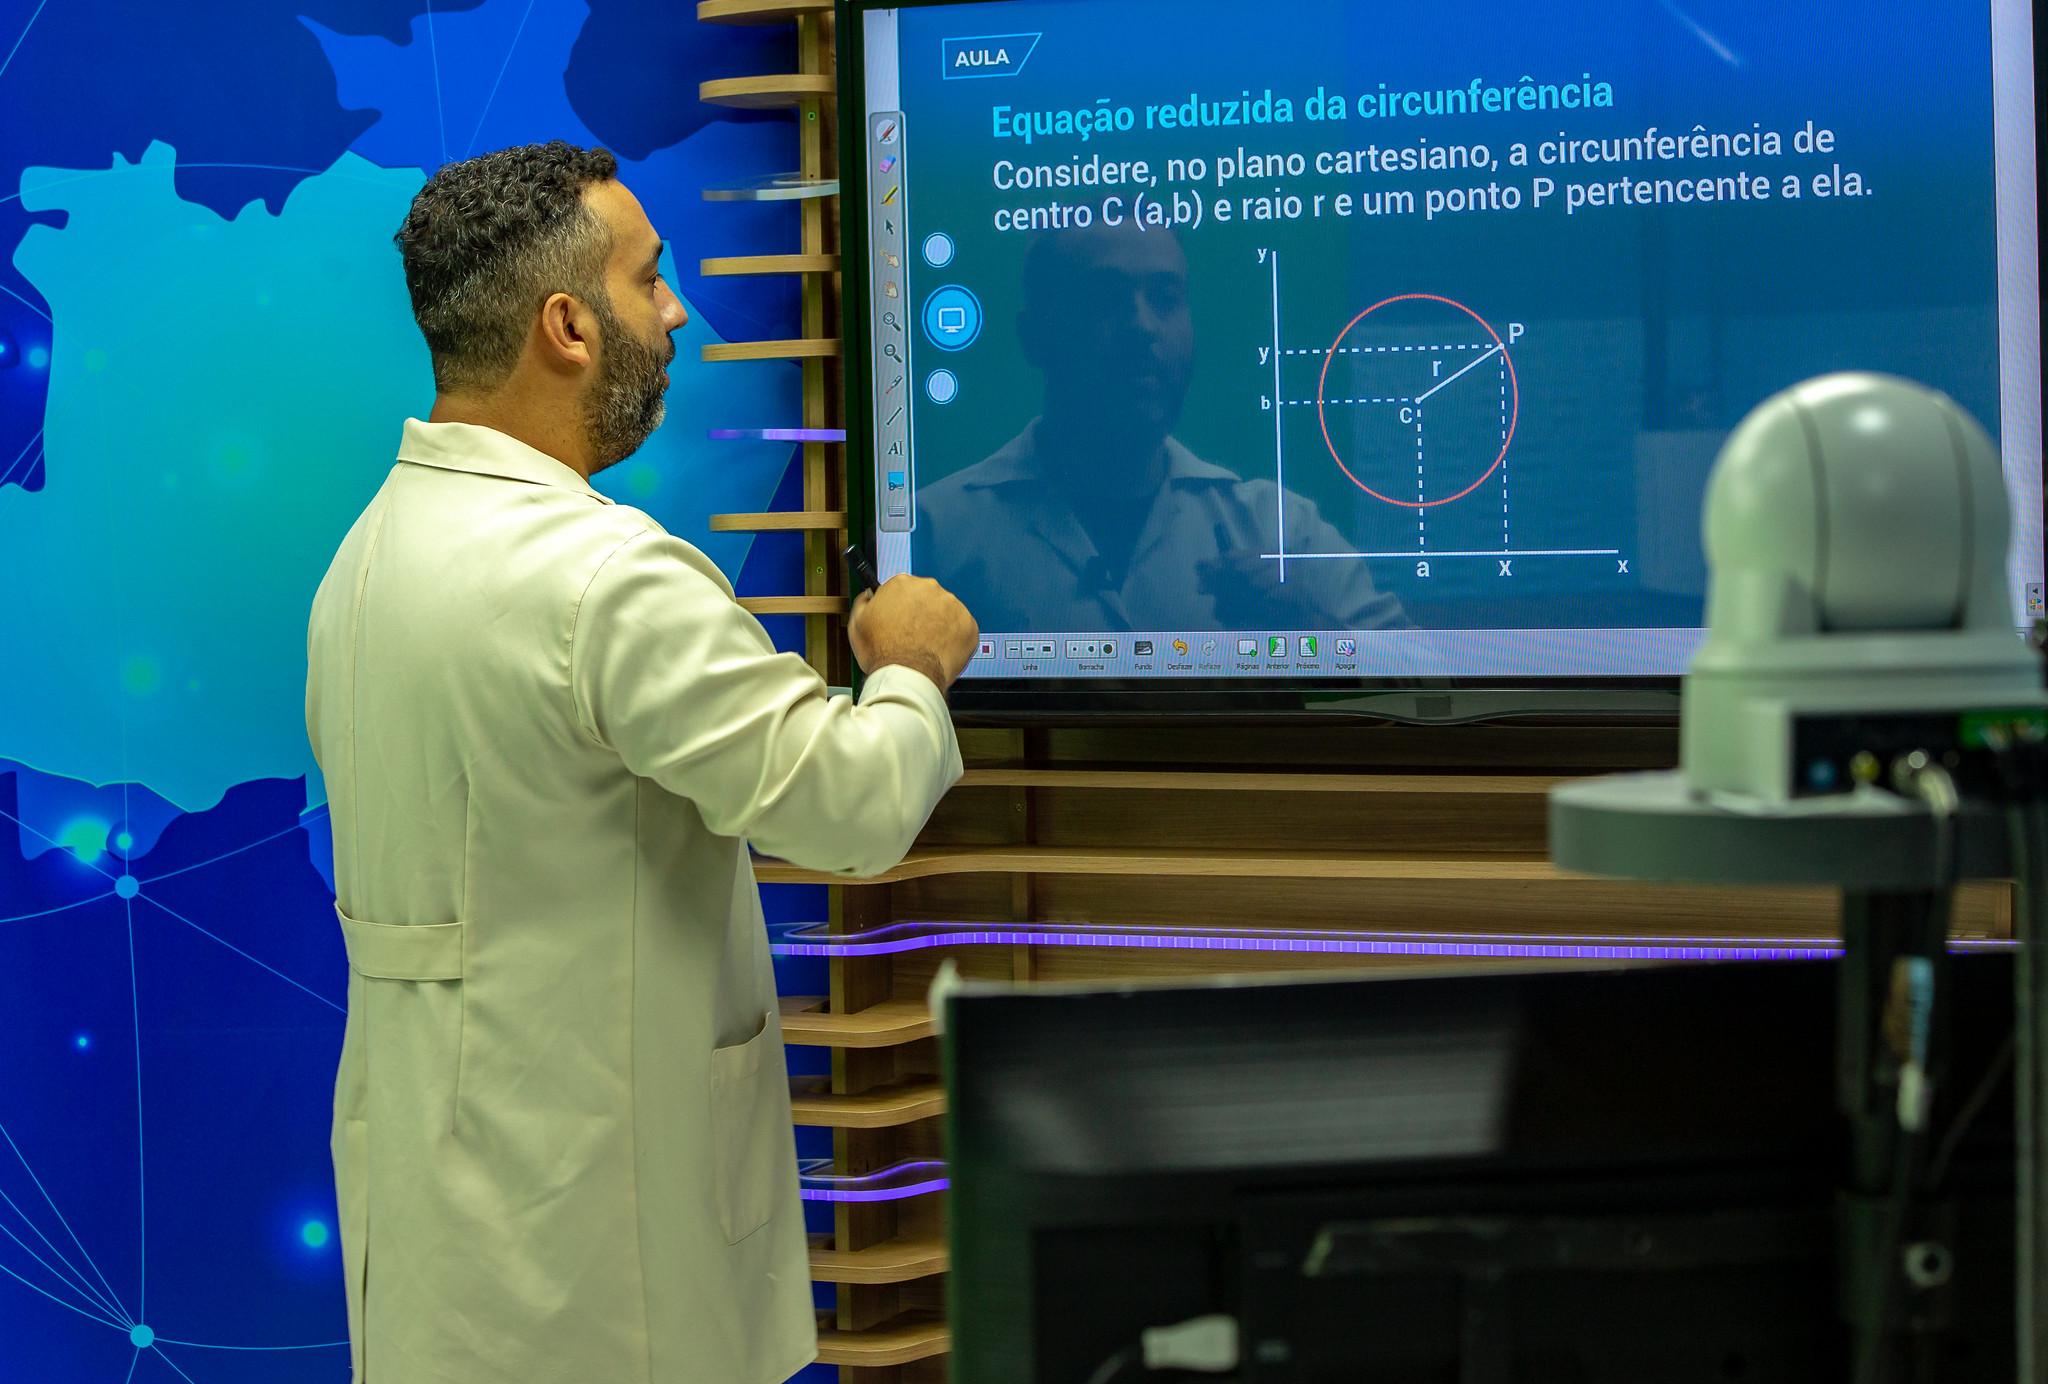 FOTOS: Divulgação/Seduc-AM